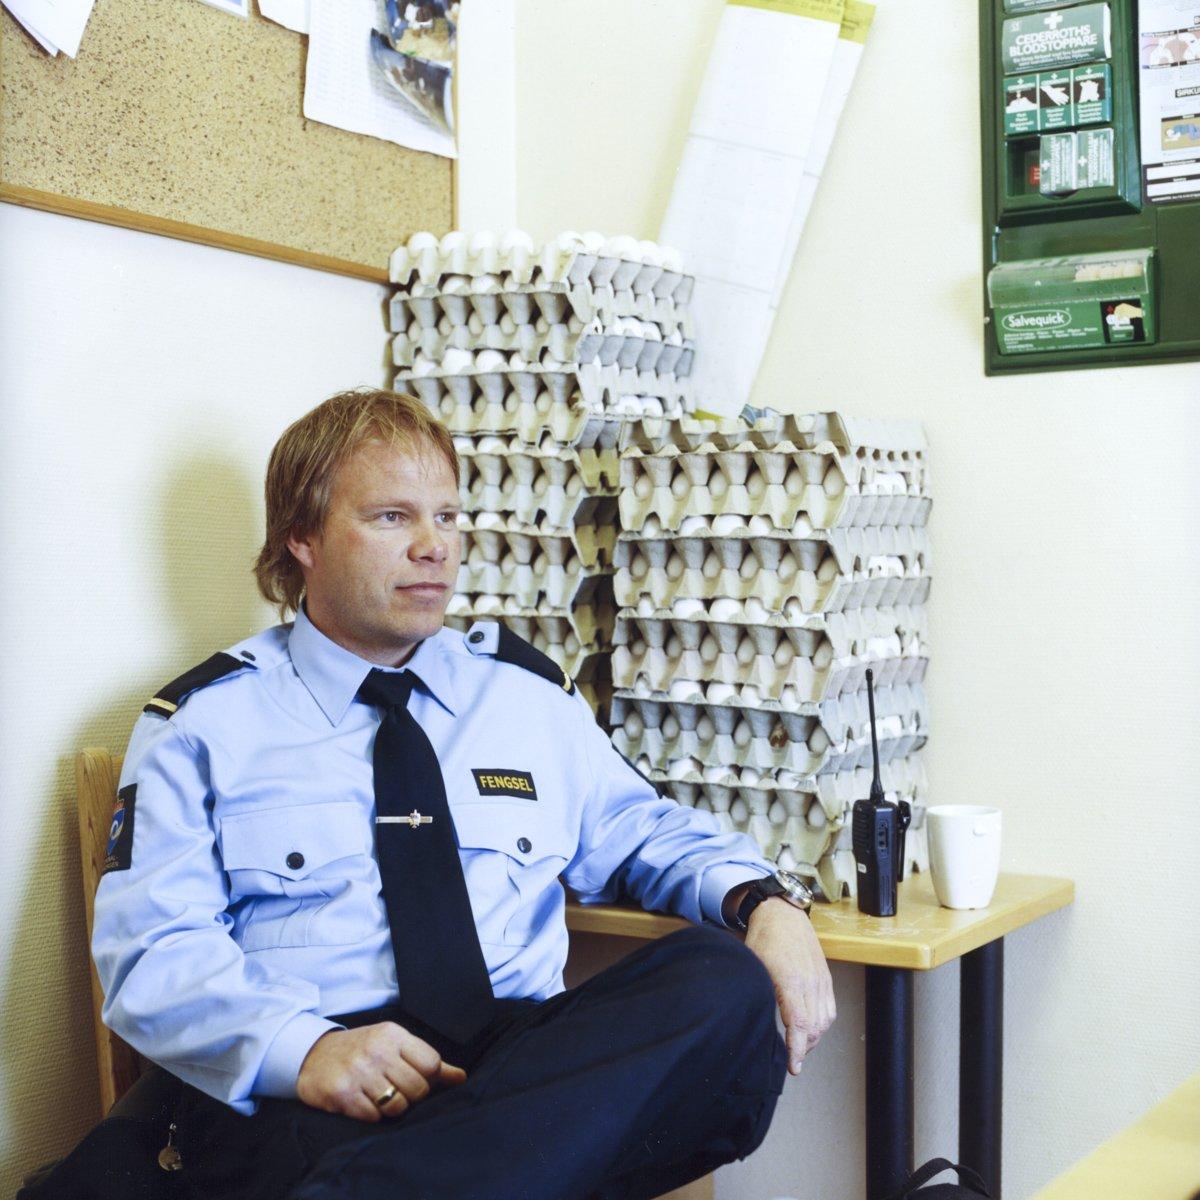 Prisão da Noruega para criminosos violentos parece mais uma colônia de fêrias 16